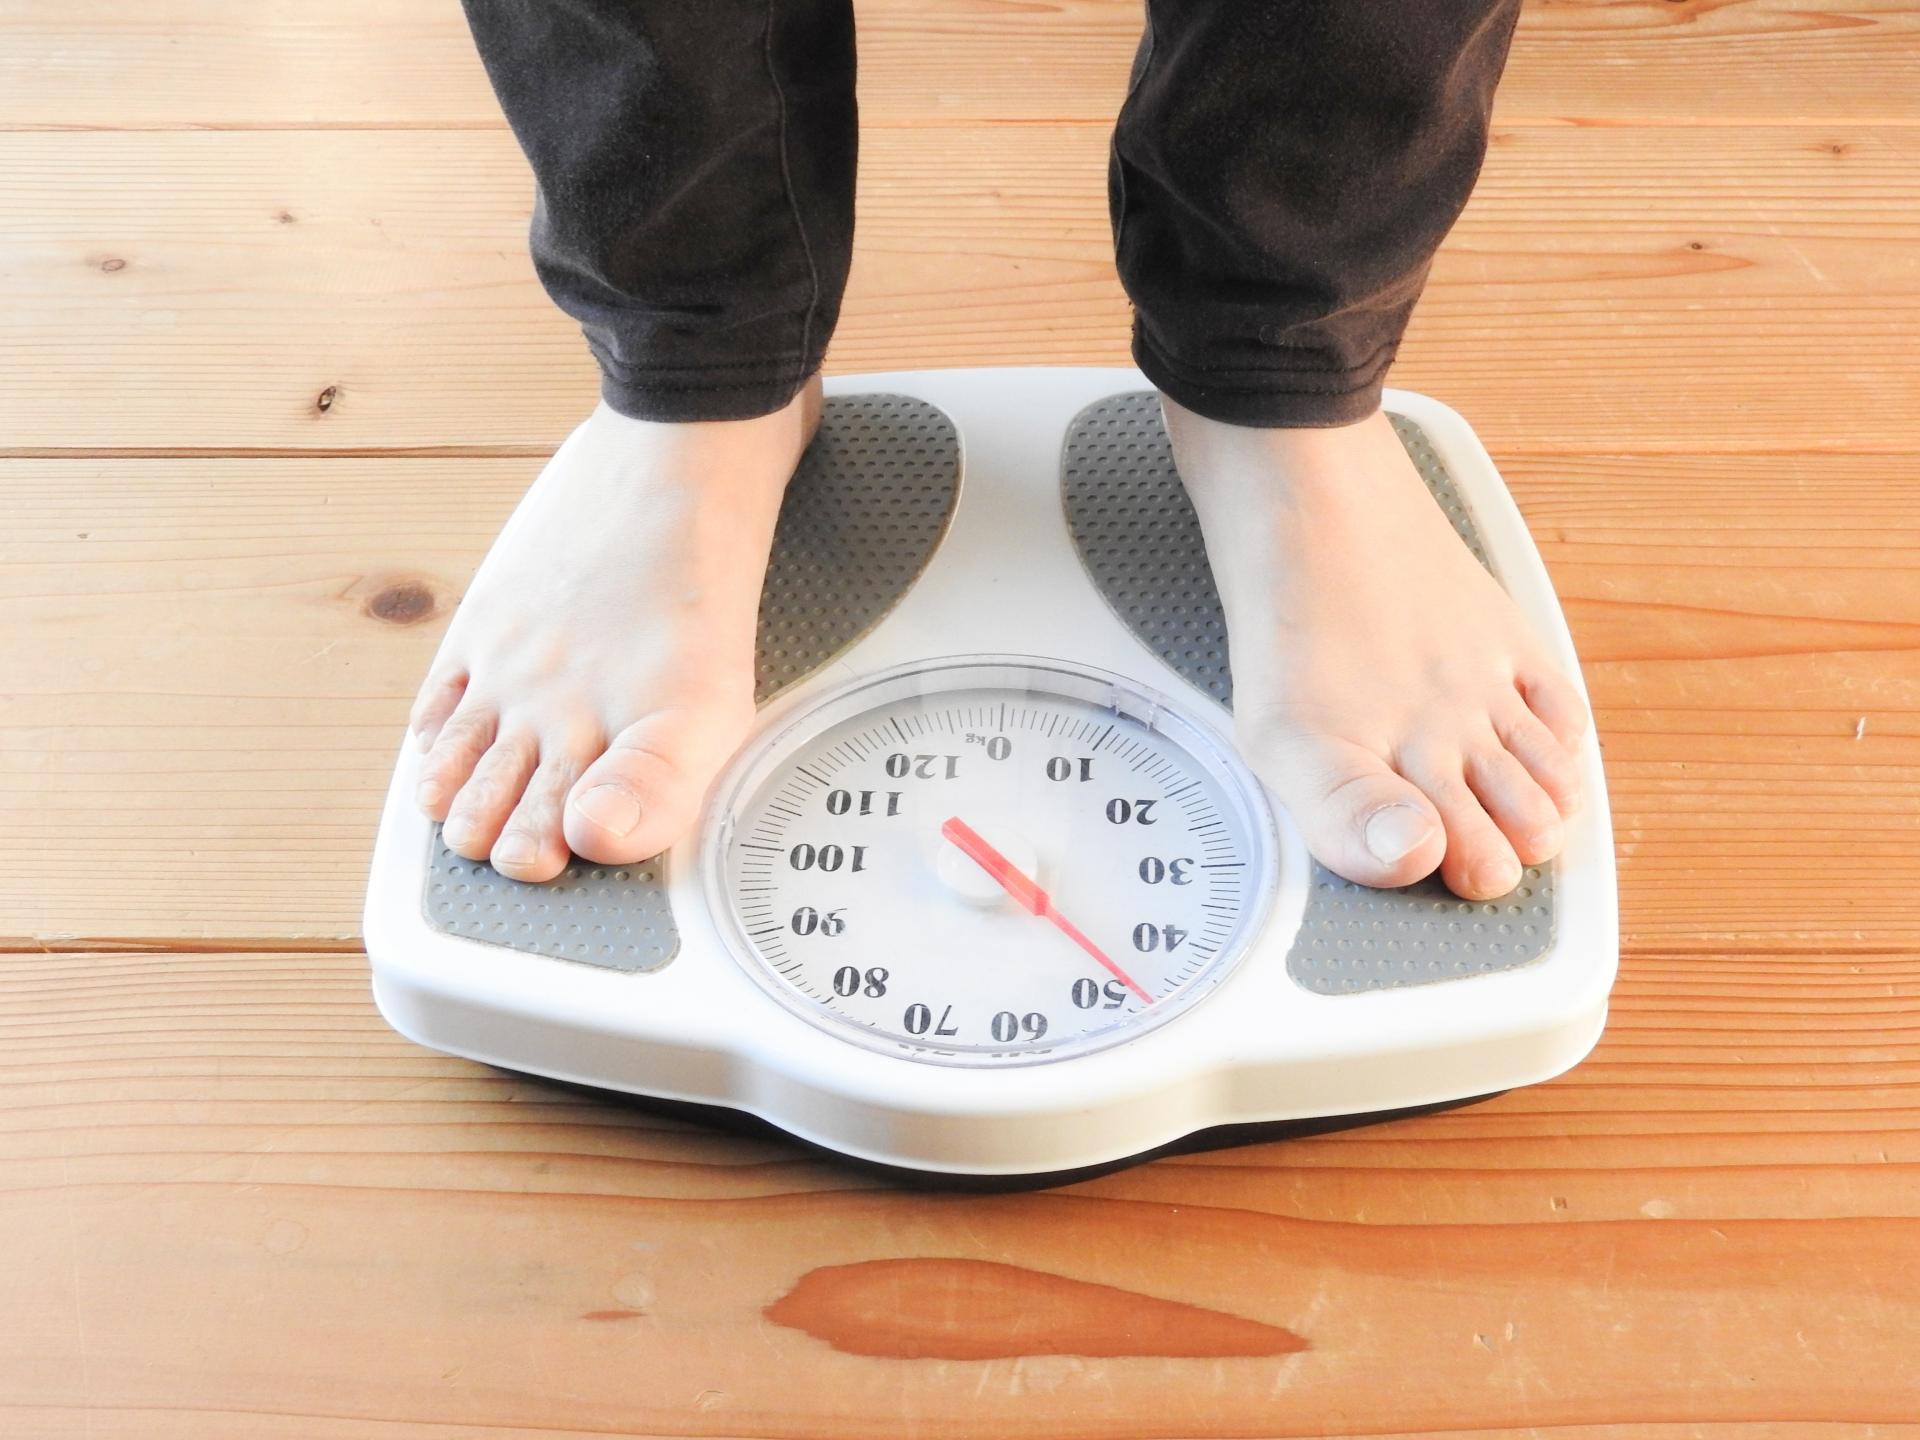 160cmだと体重はどのくらいが標準?女子が気にする体型とは